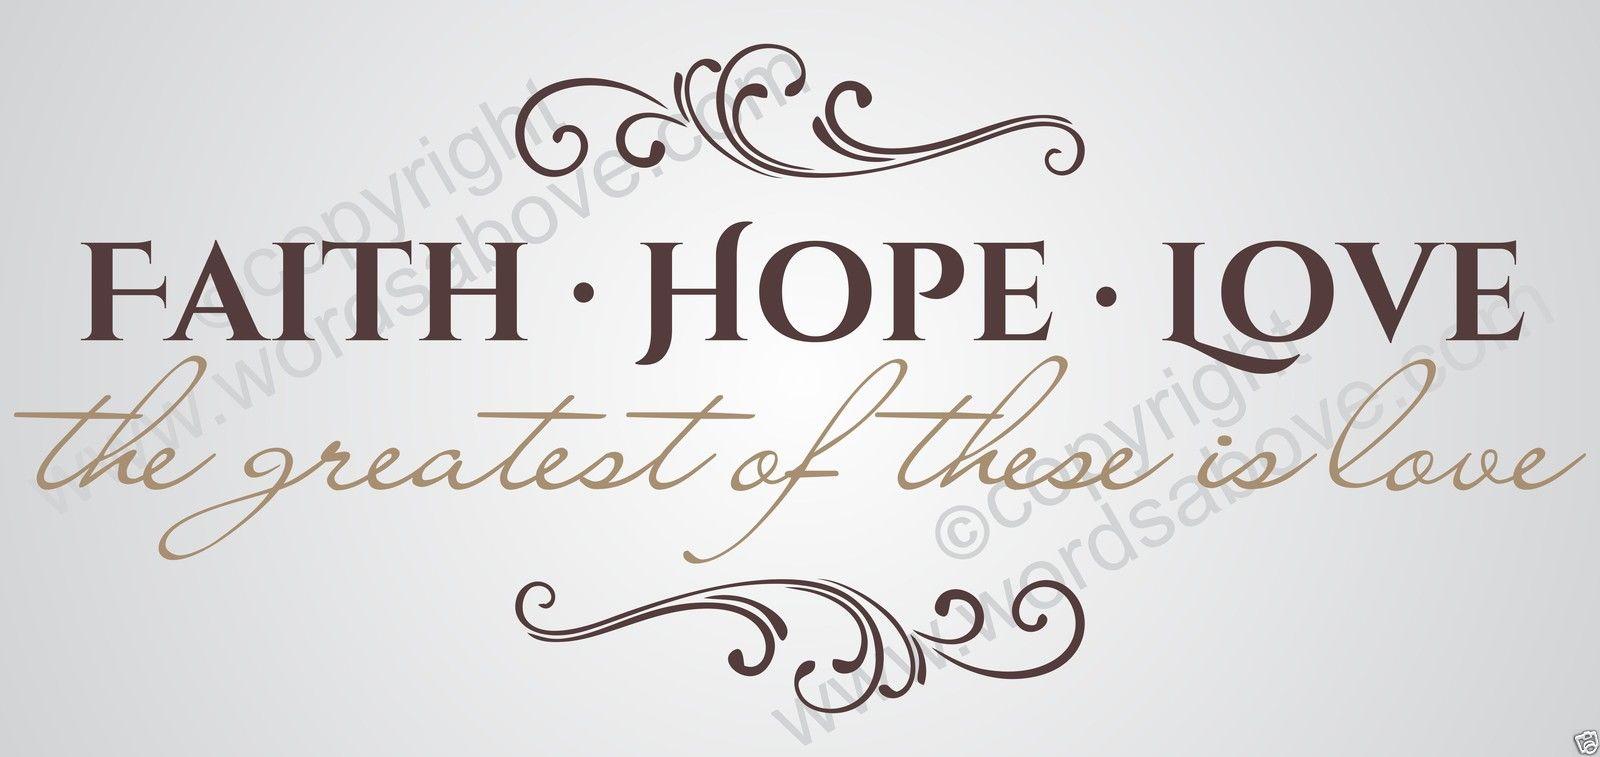 Corinthians Faith Hope Love Quotes. QuotesGram